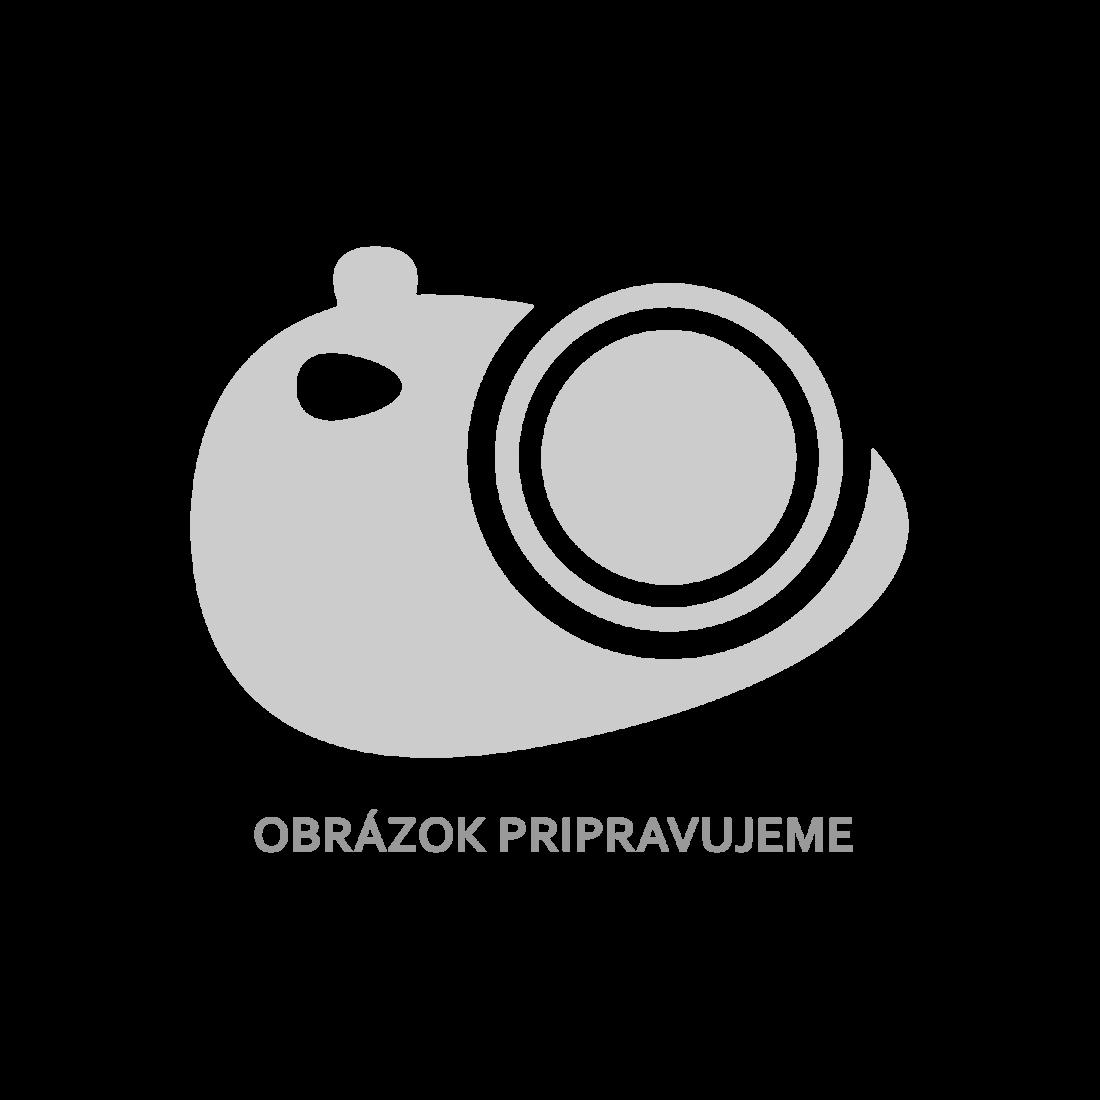 Hnedá závesná sieťka do dverí 100 x 215 cm